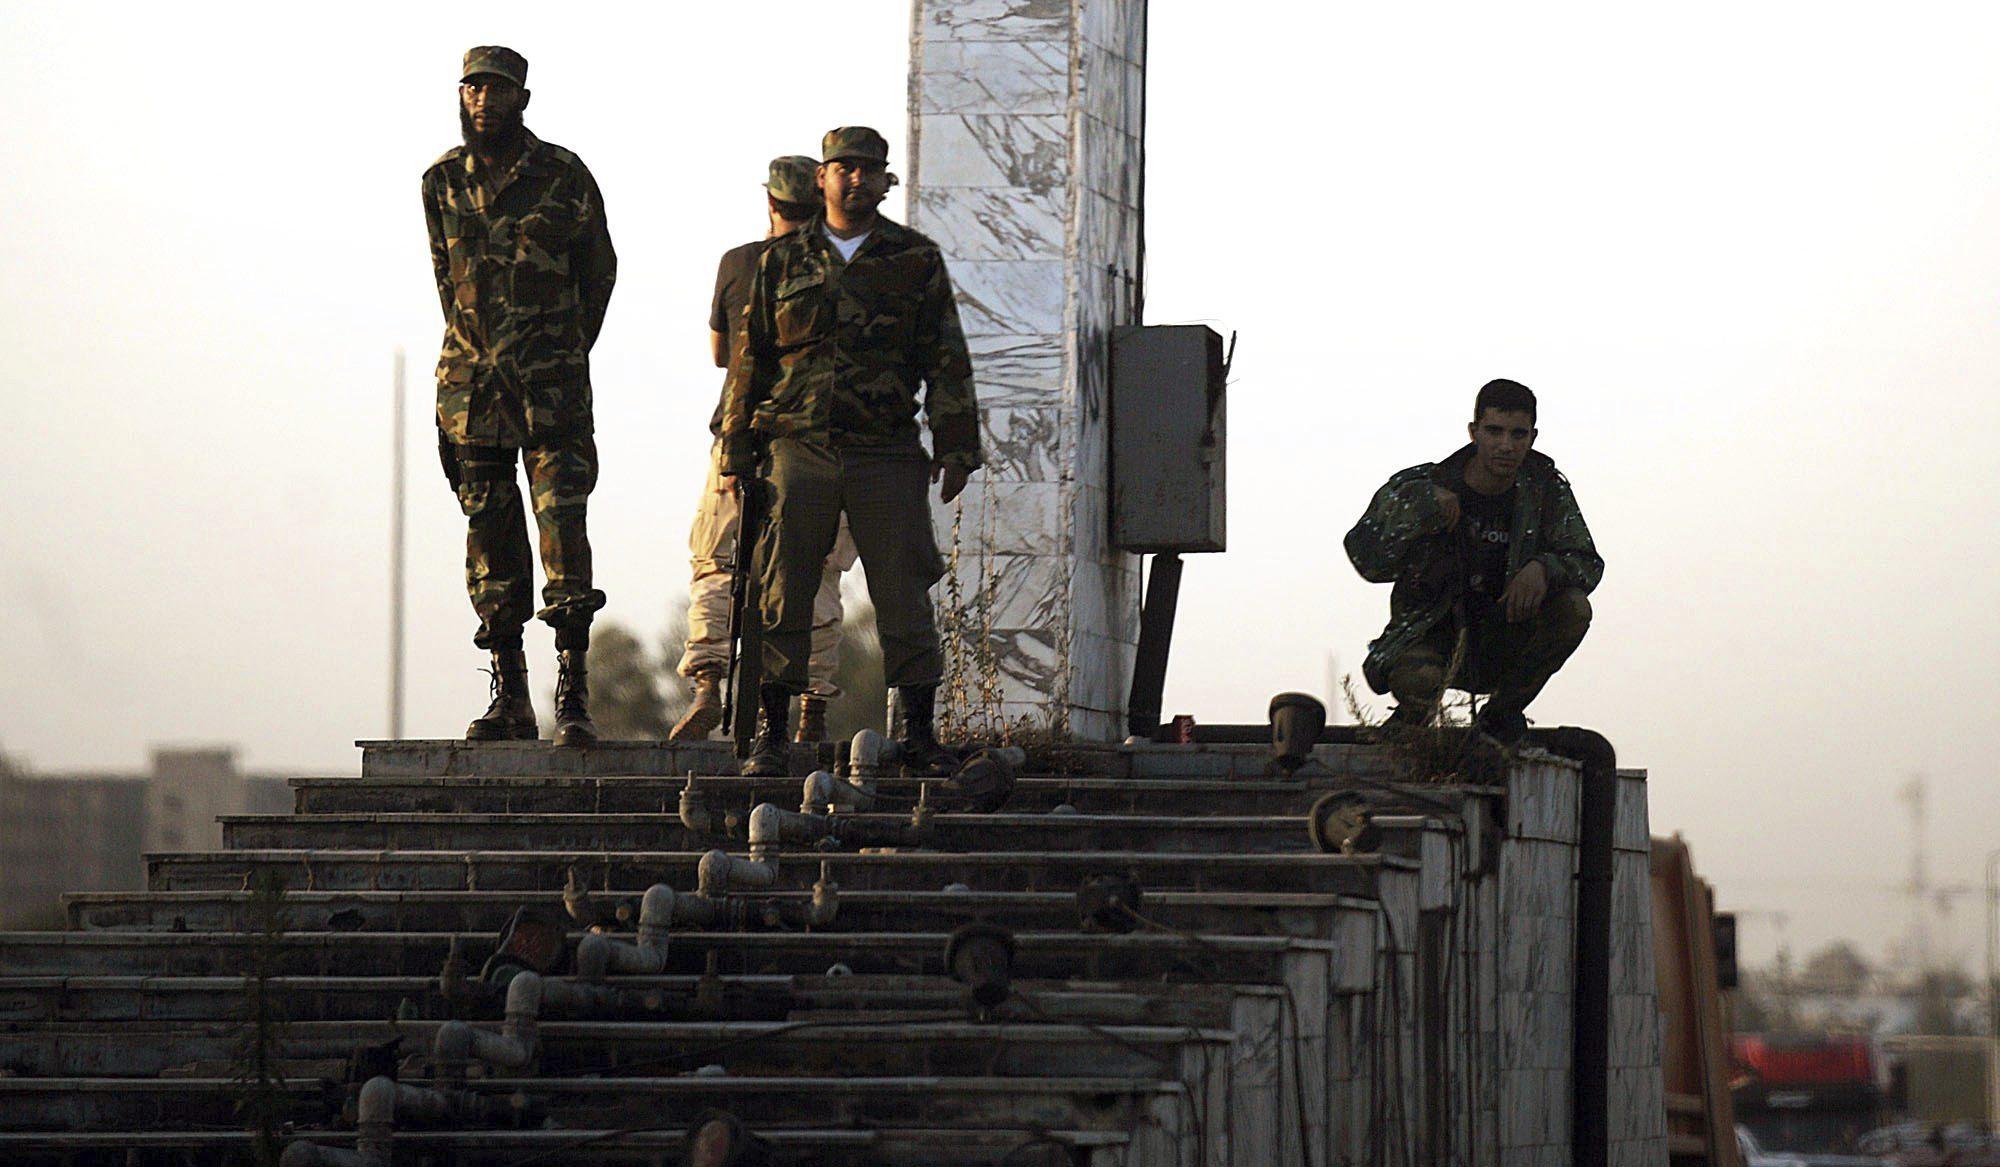 Una milicia armada ocupa el Parlamento libio tras un intenso tiroteo